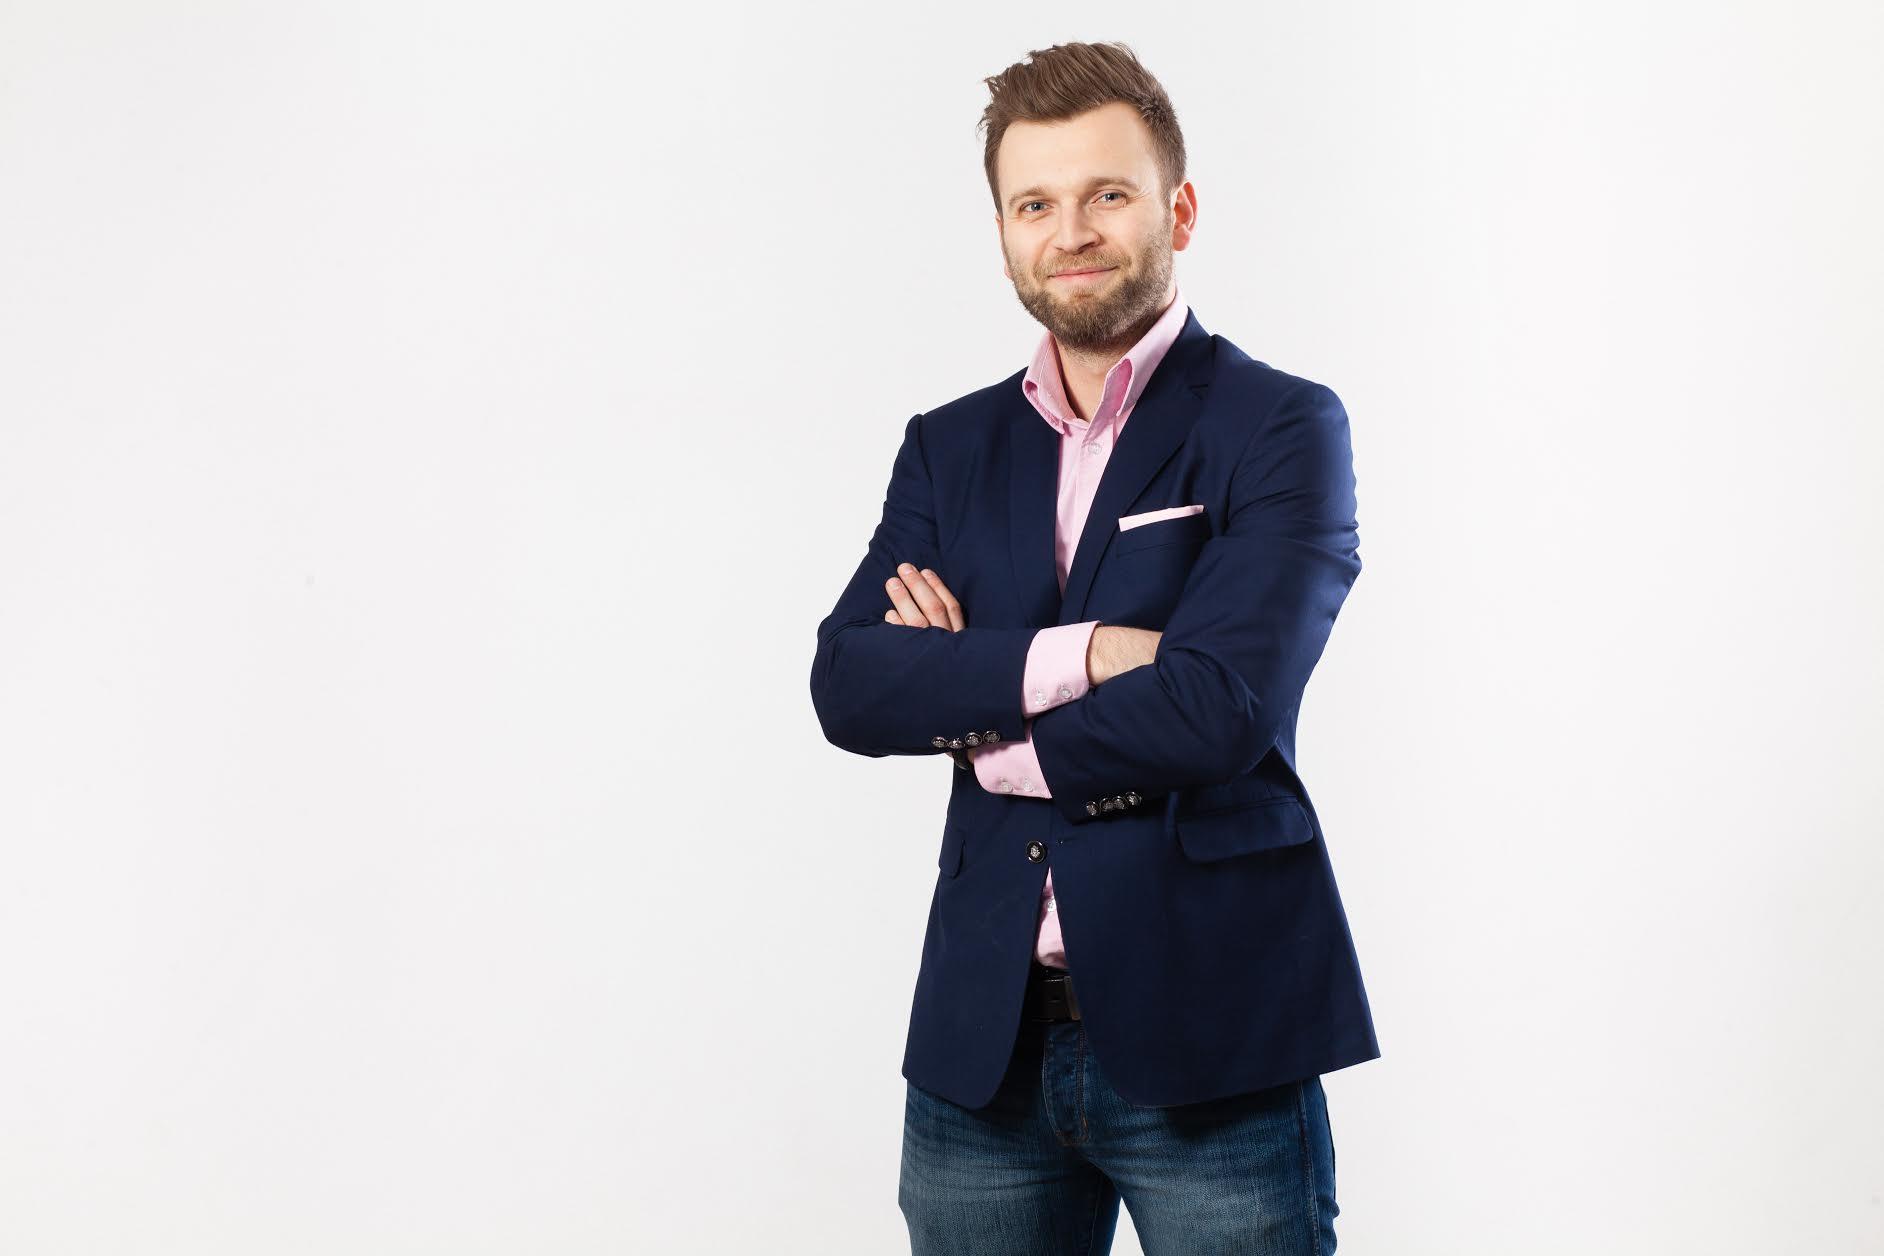 Marcin Piątkowski - JIVR CEO